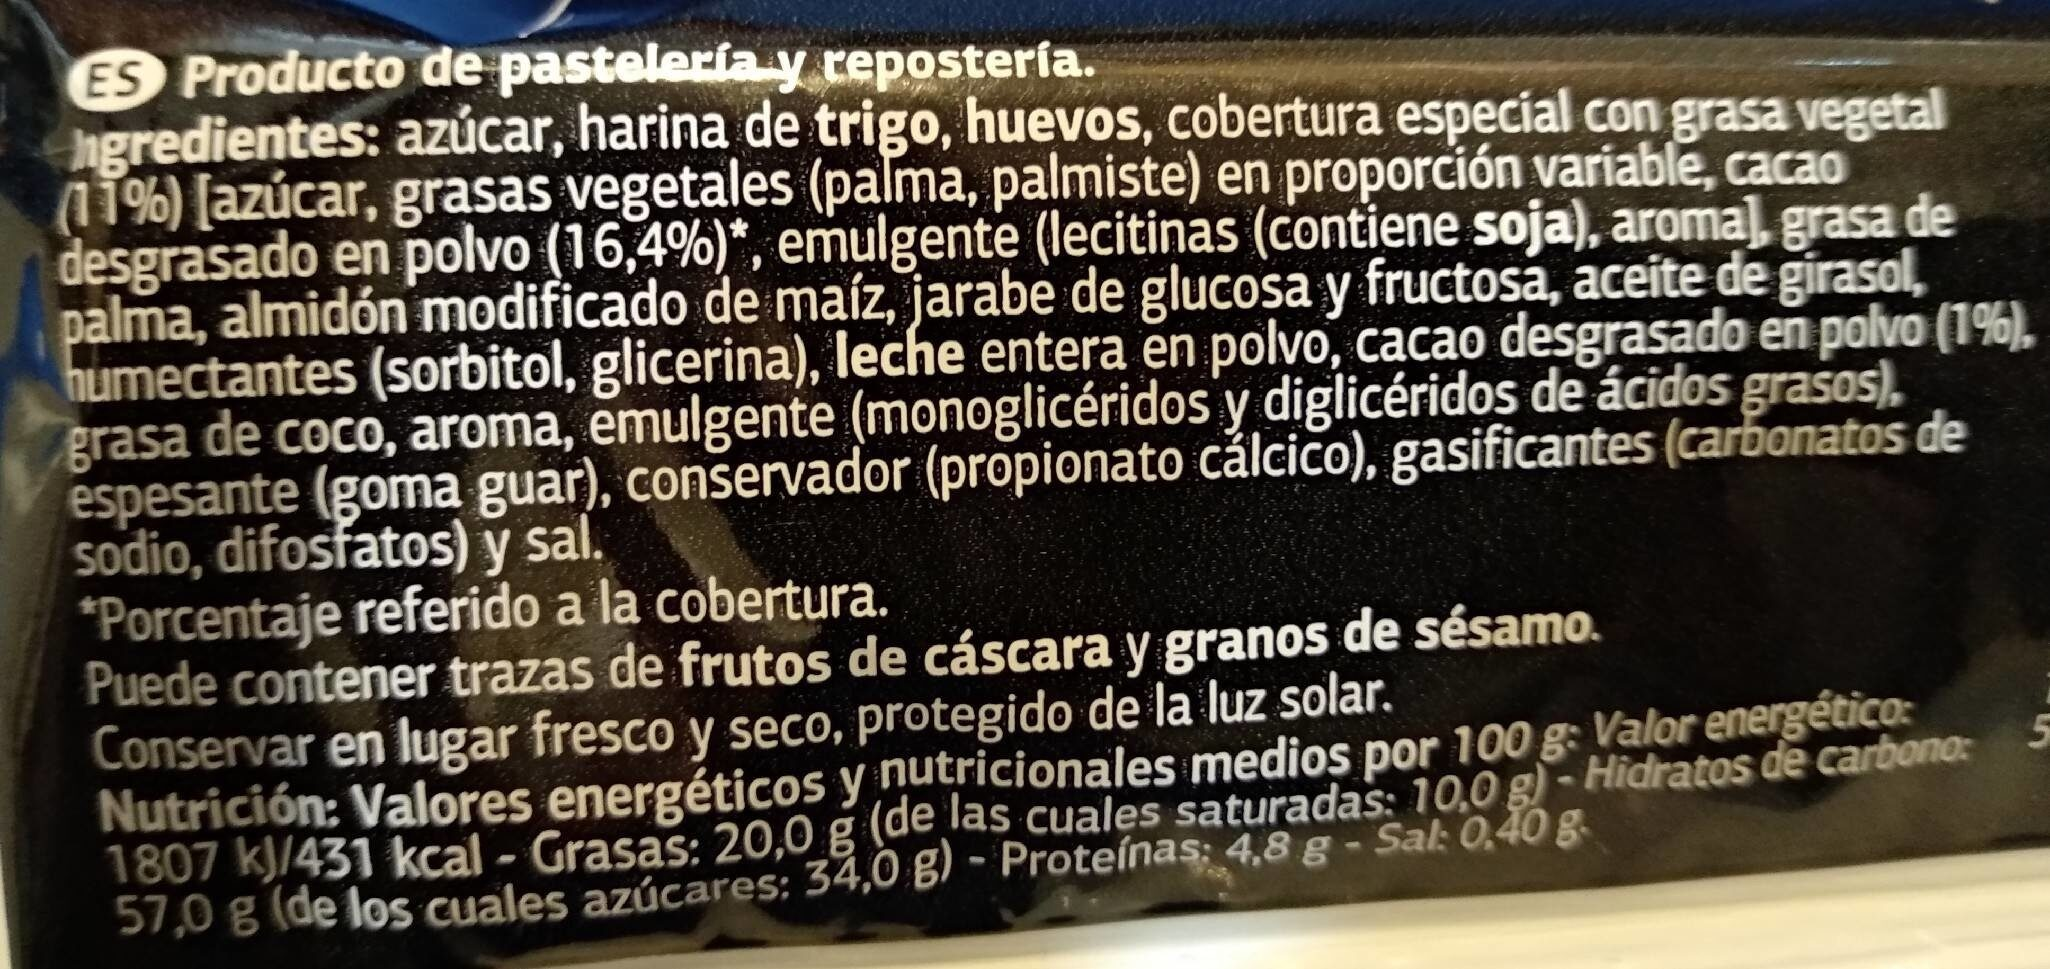 Pastel de marmol - Informació nutricional - es